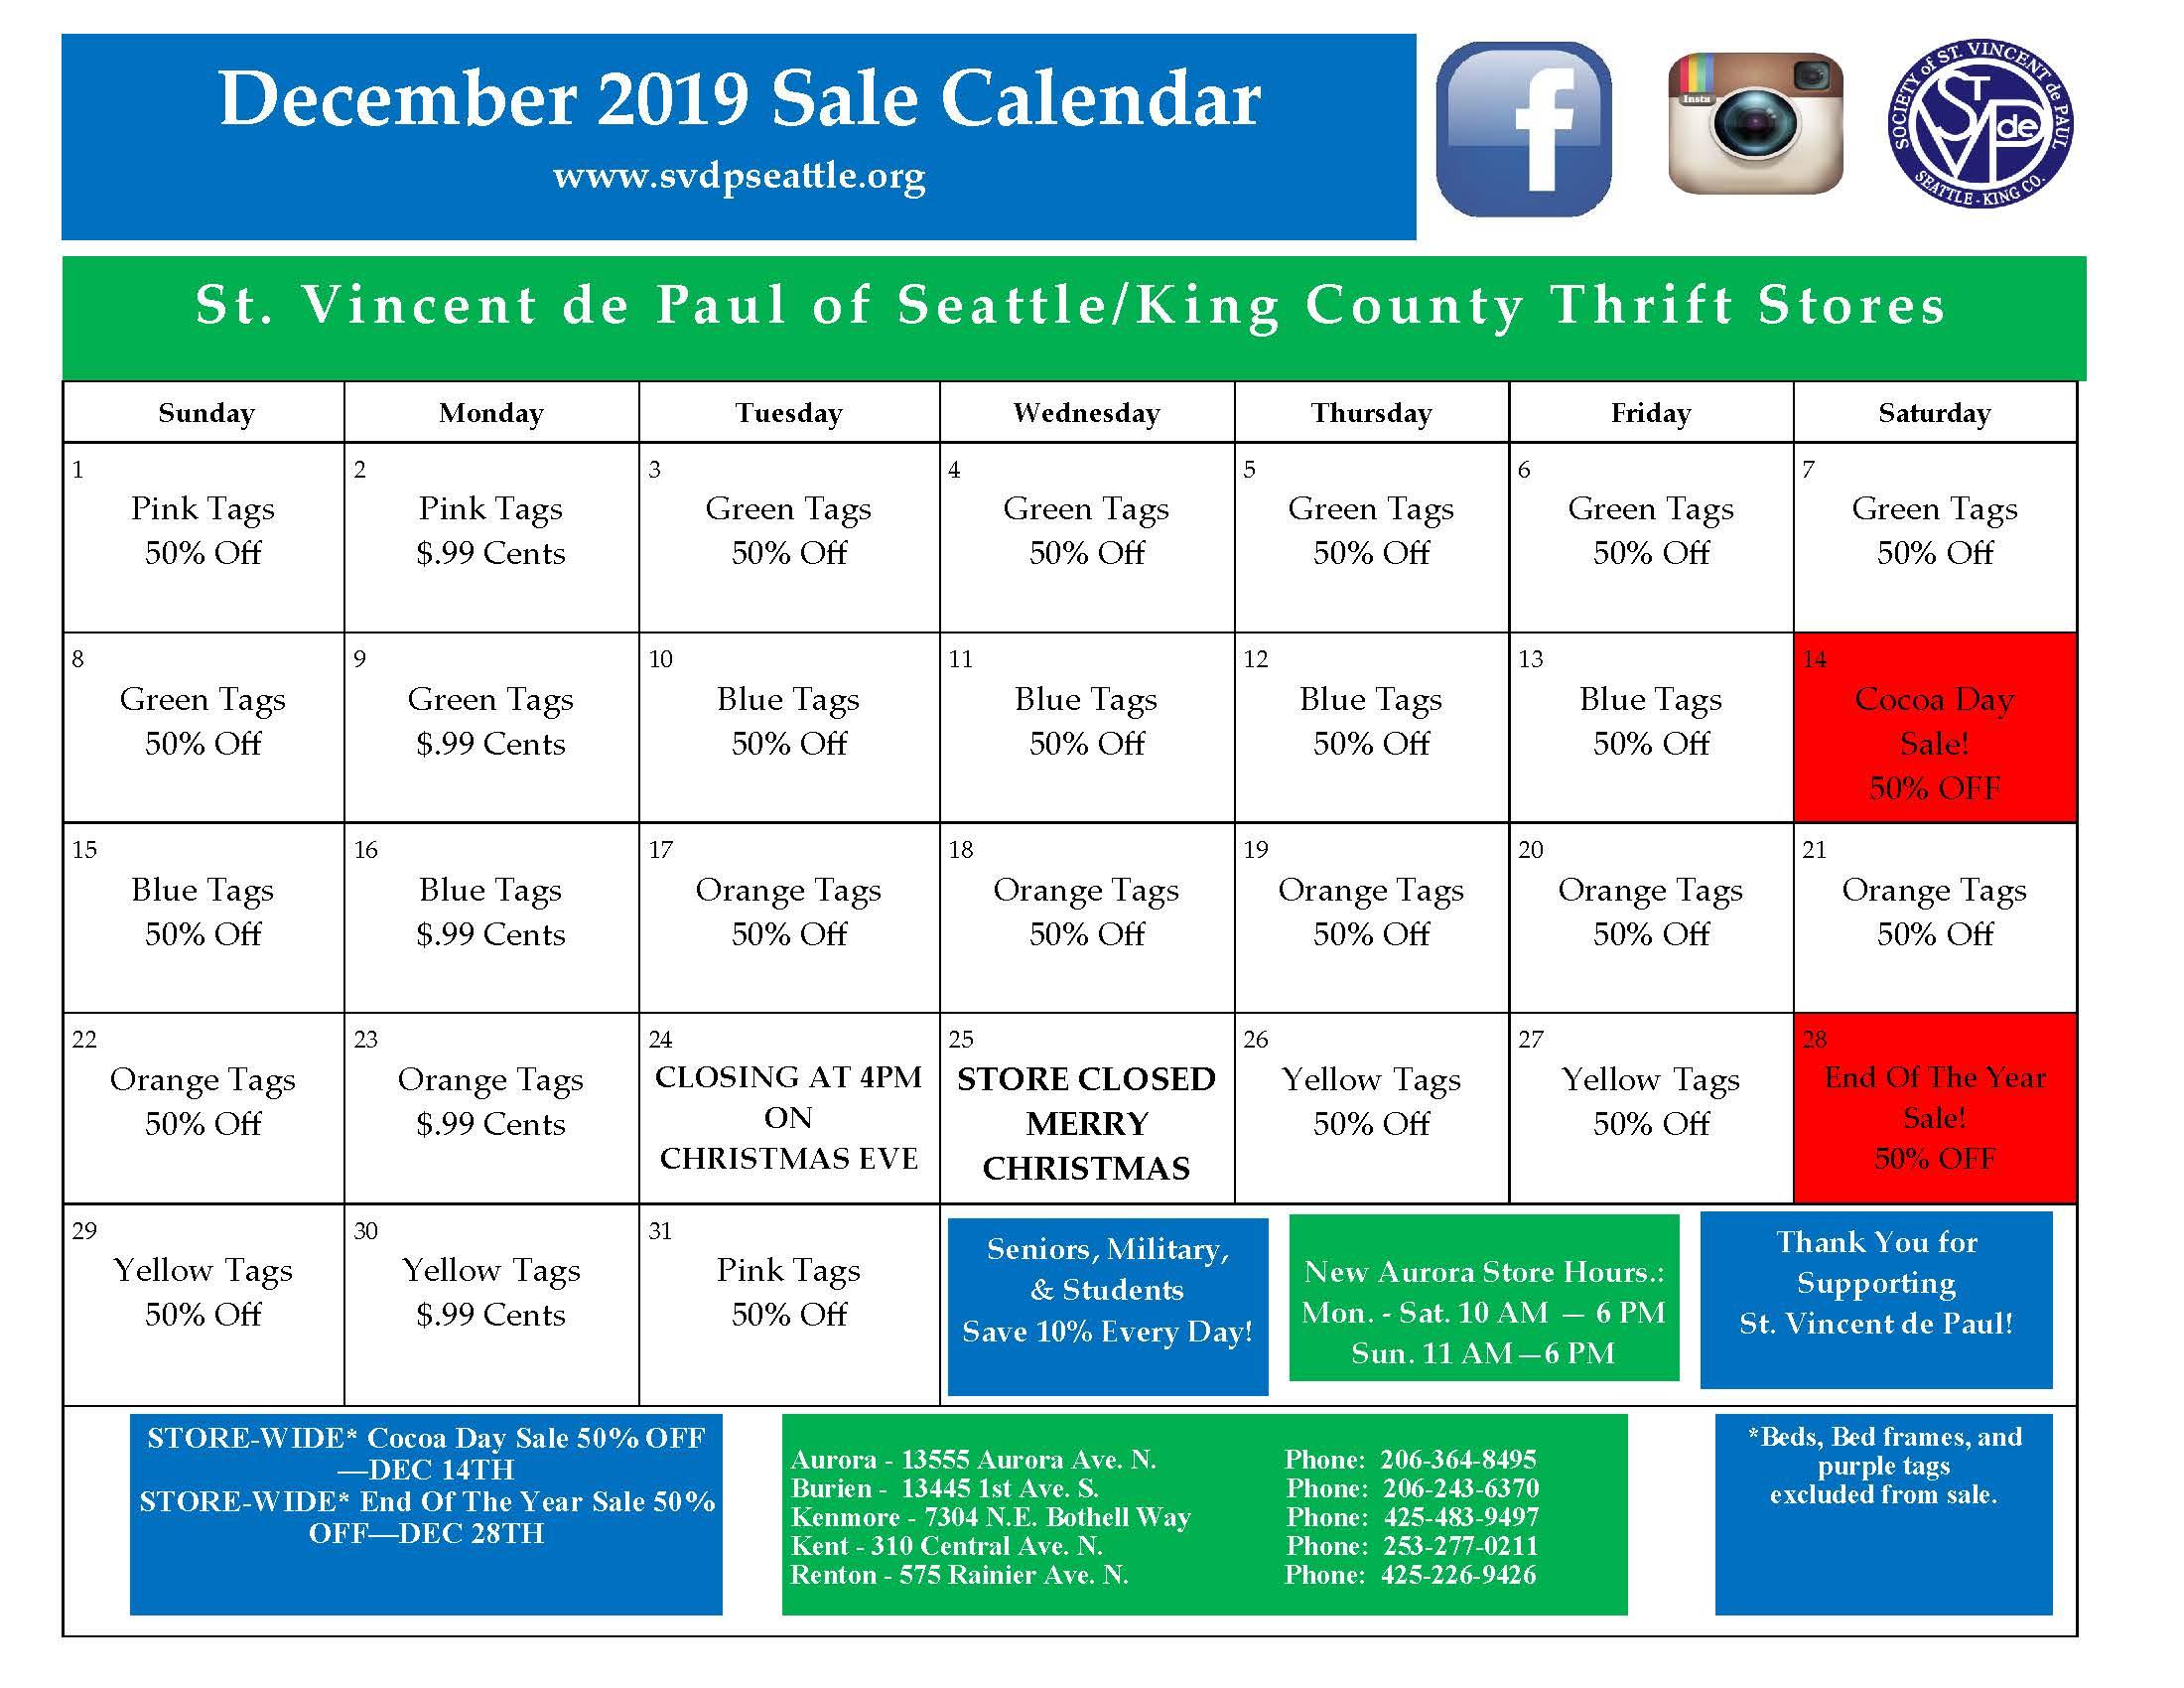 Calendar December 2019 final 12-4-19 JPEG